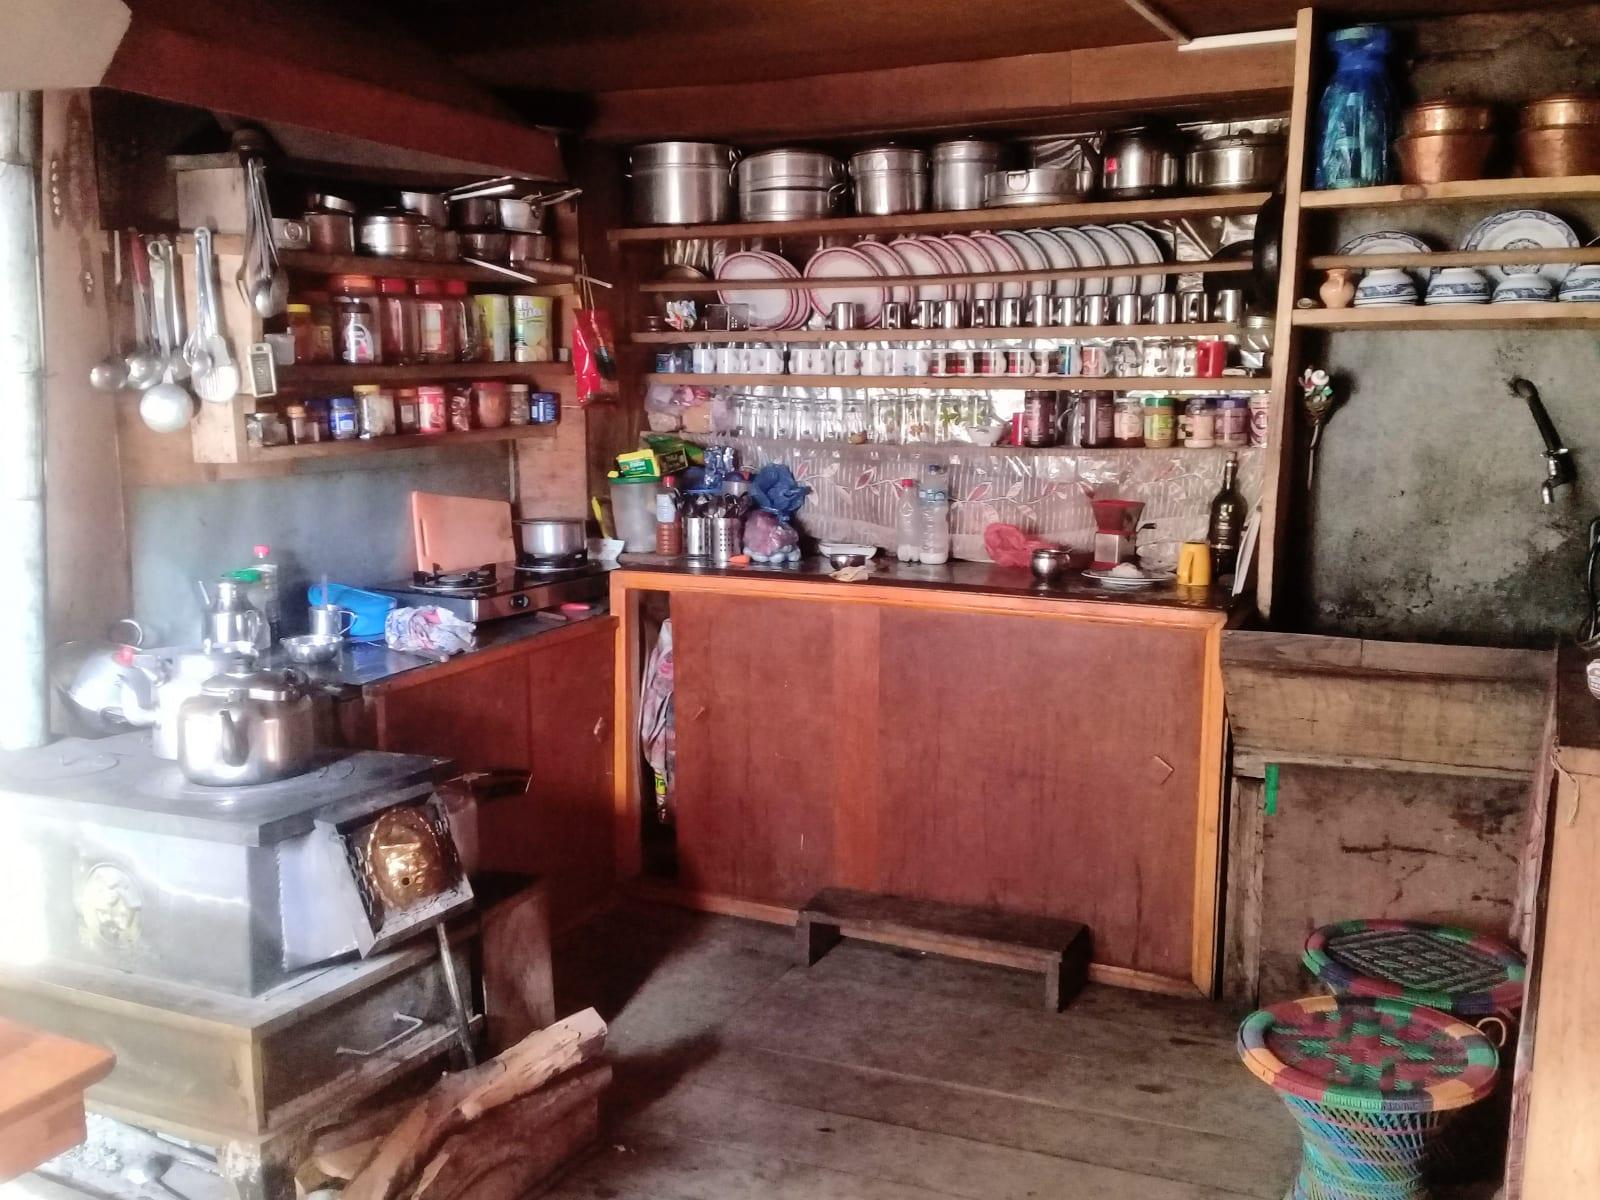 Kuchyně v jedné z horských boud, Nepál